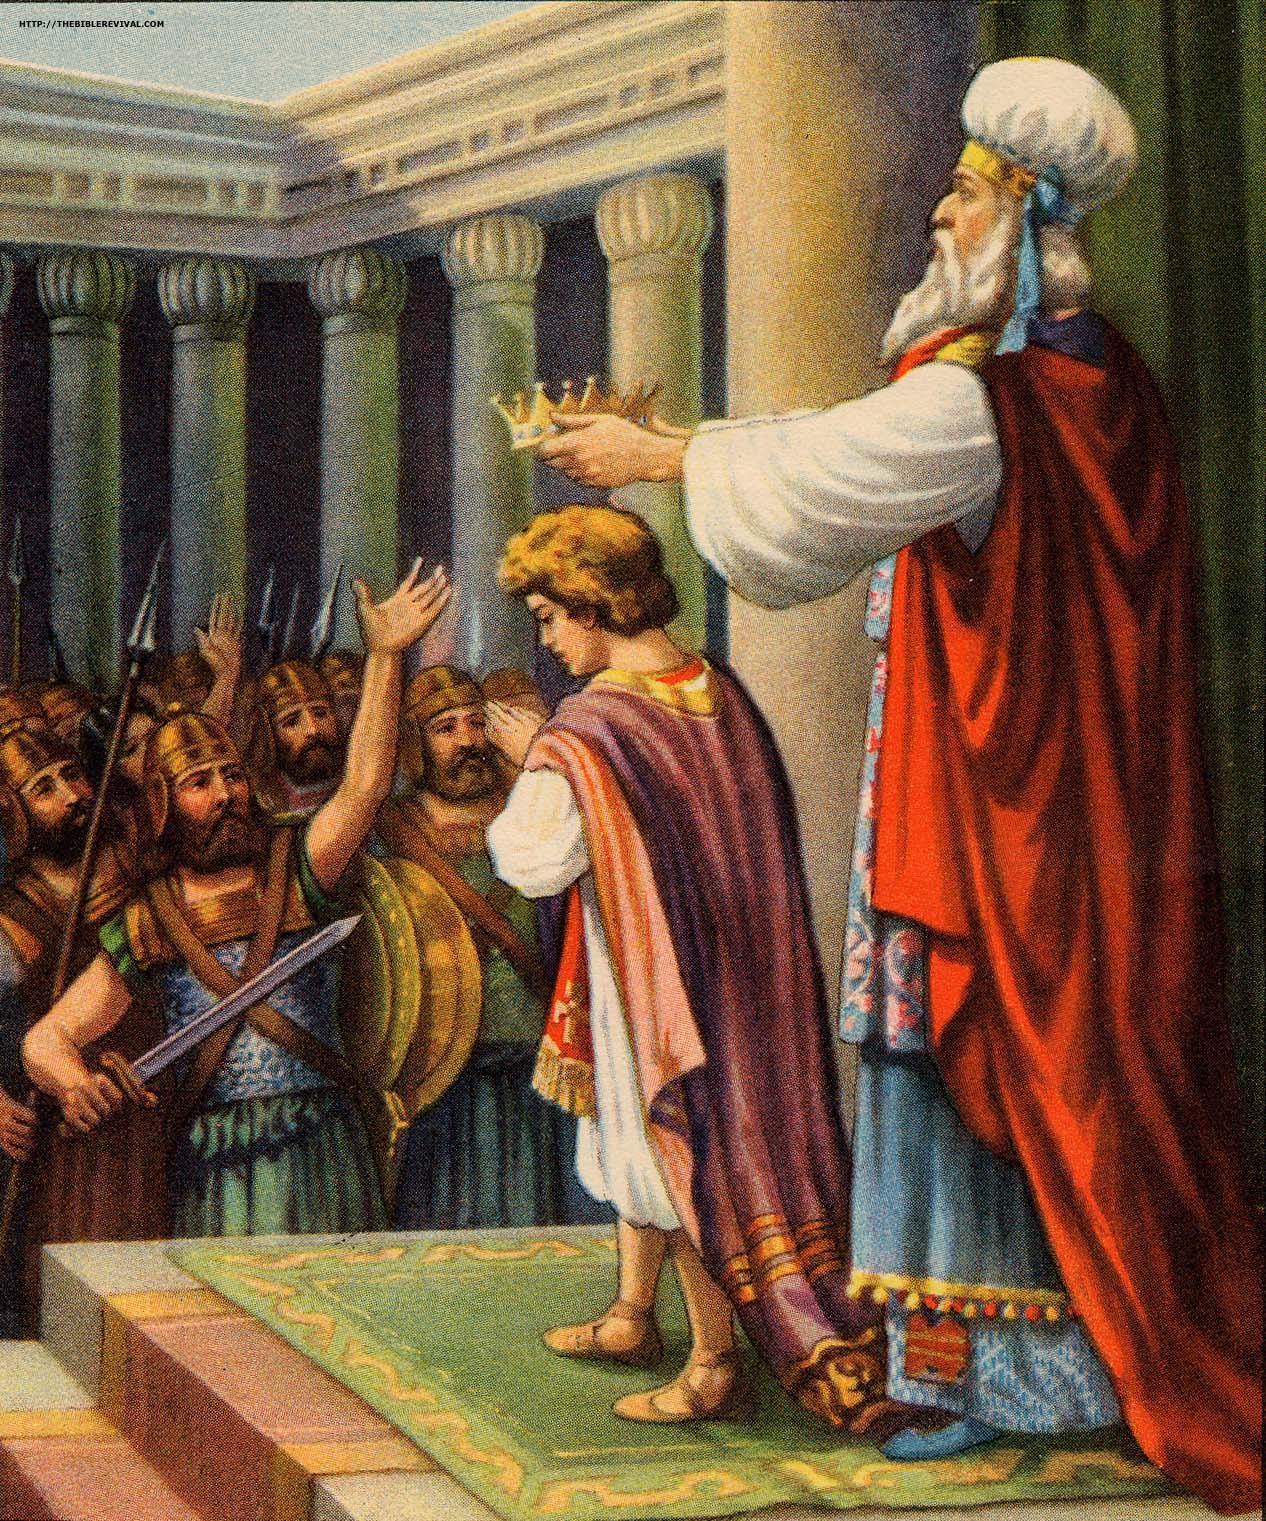 上图:大祭司给约阿施戴上冠冕(艺术想象图)。